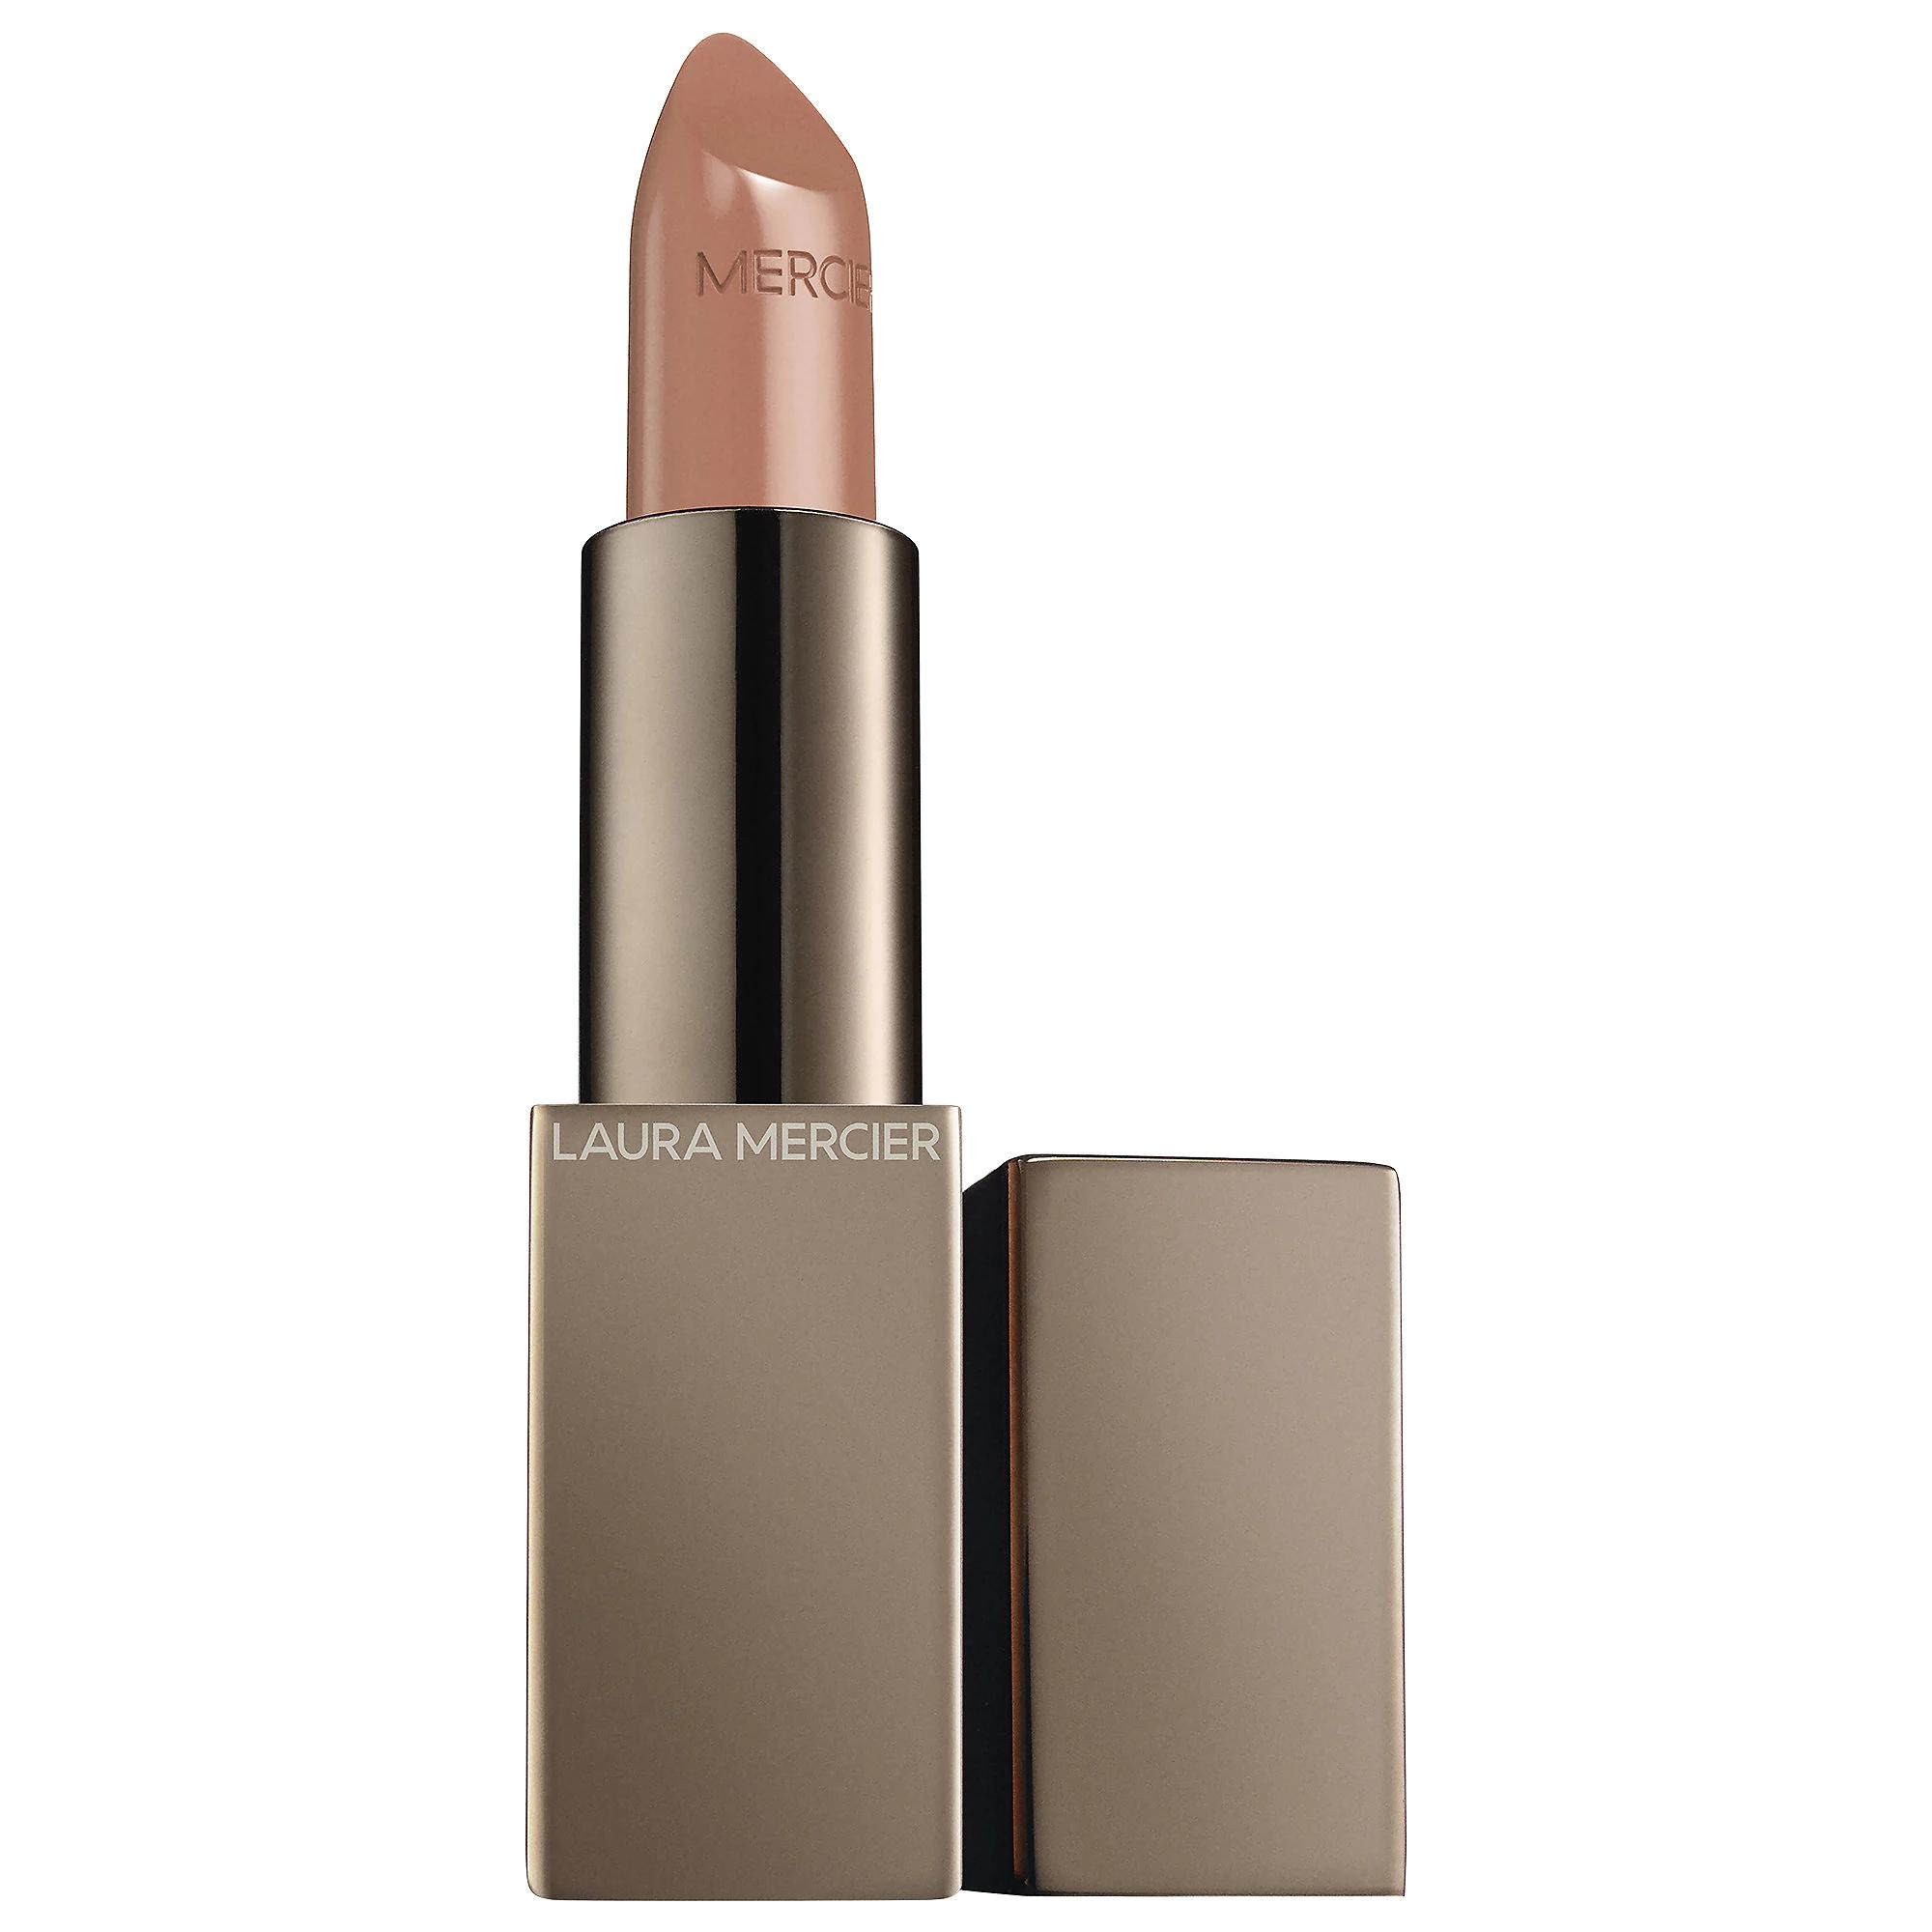 Laura Mercier Rouge Essentiel Silky Creme Lipstick Brun Pale